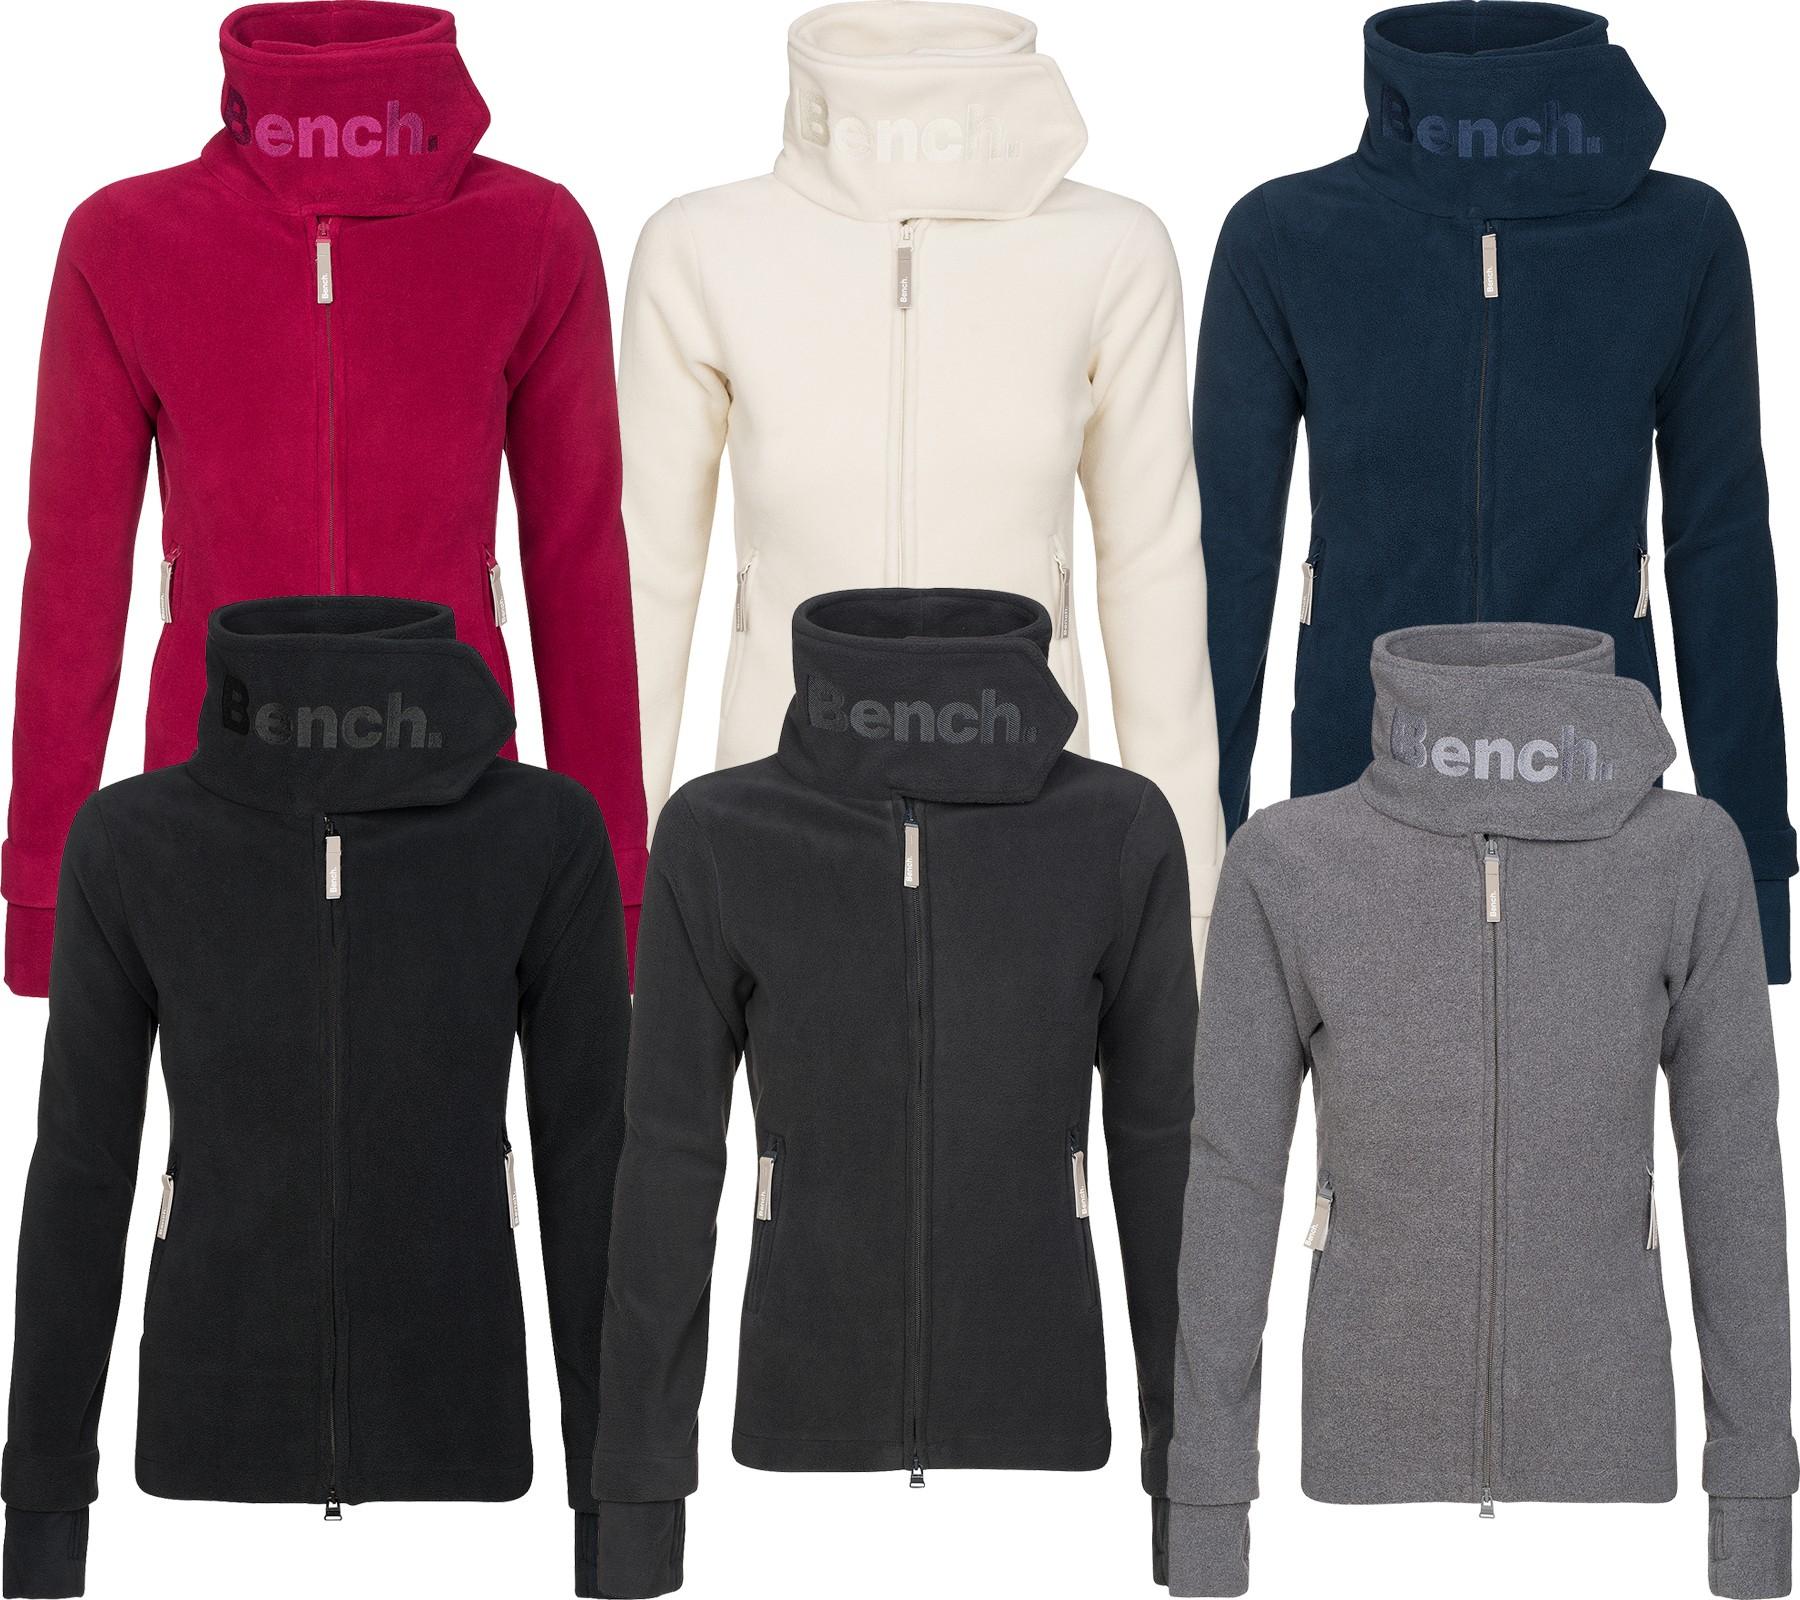 Schicke Fleece Damen Jacke von Bench für 19,99